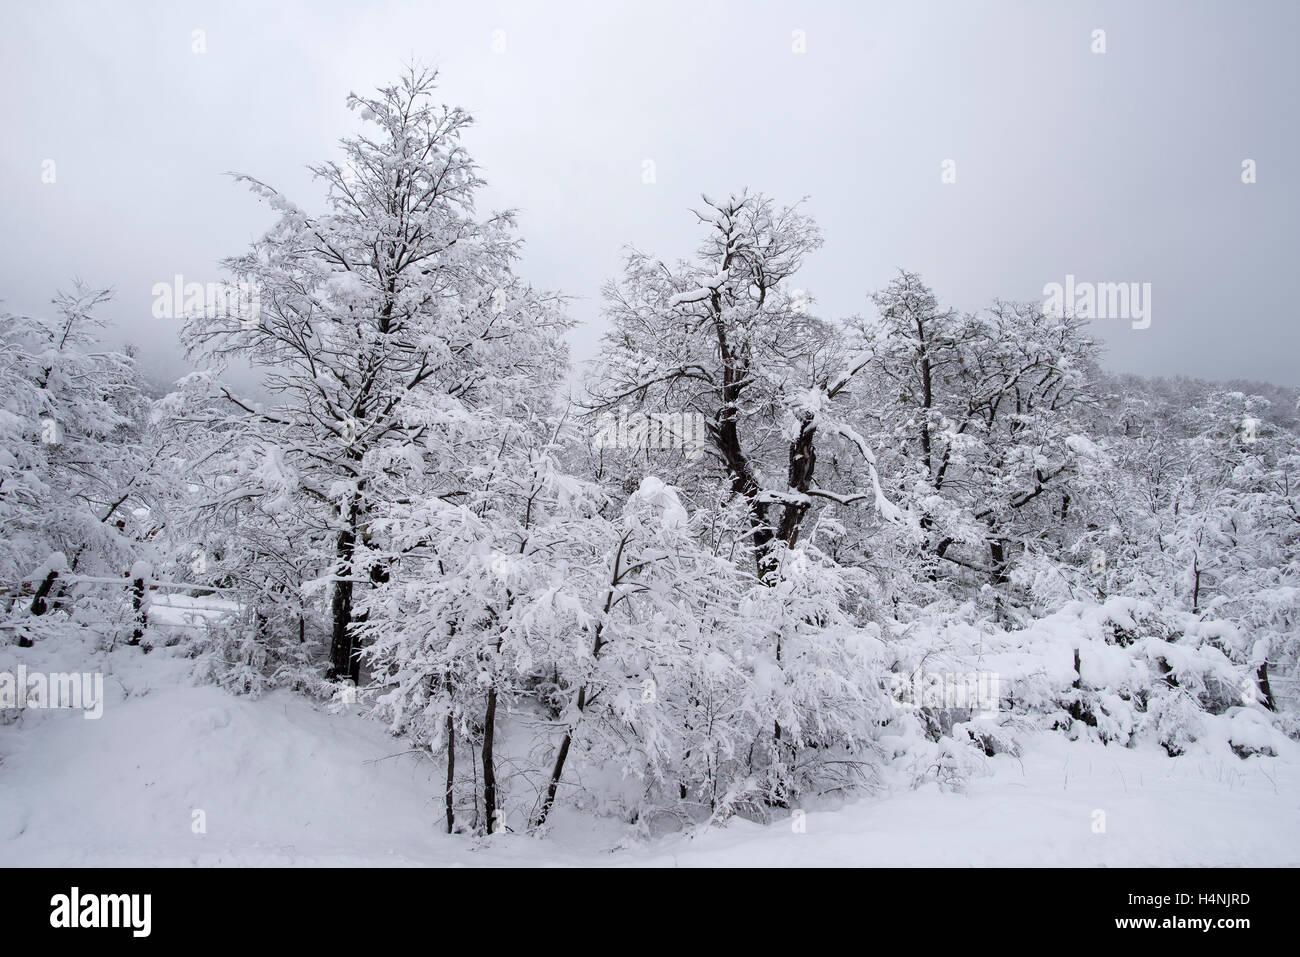 Invierno En Patagonia: Bosques En Invierno, Patagonia, Chile. Winter Forest